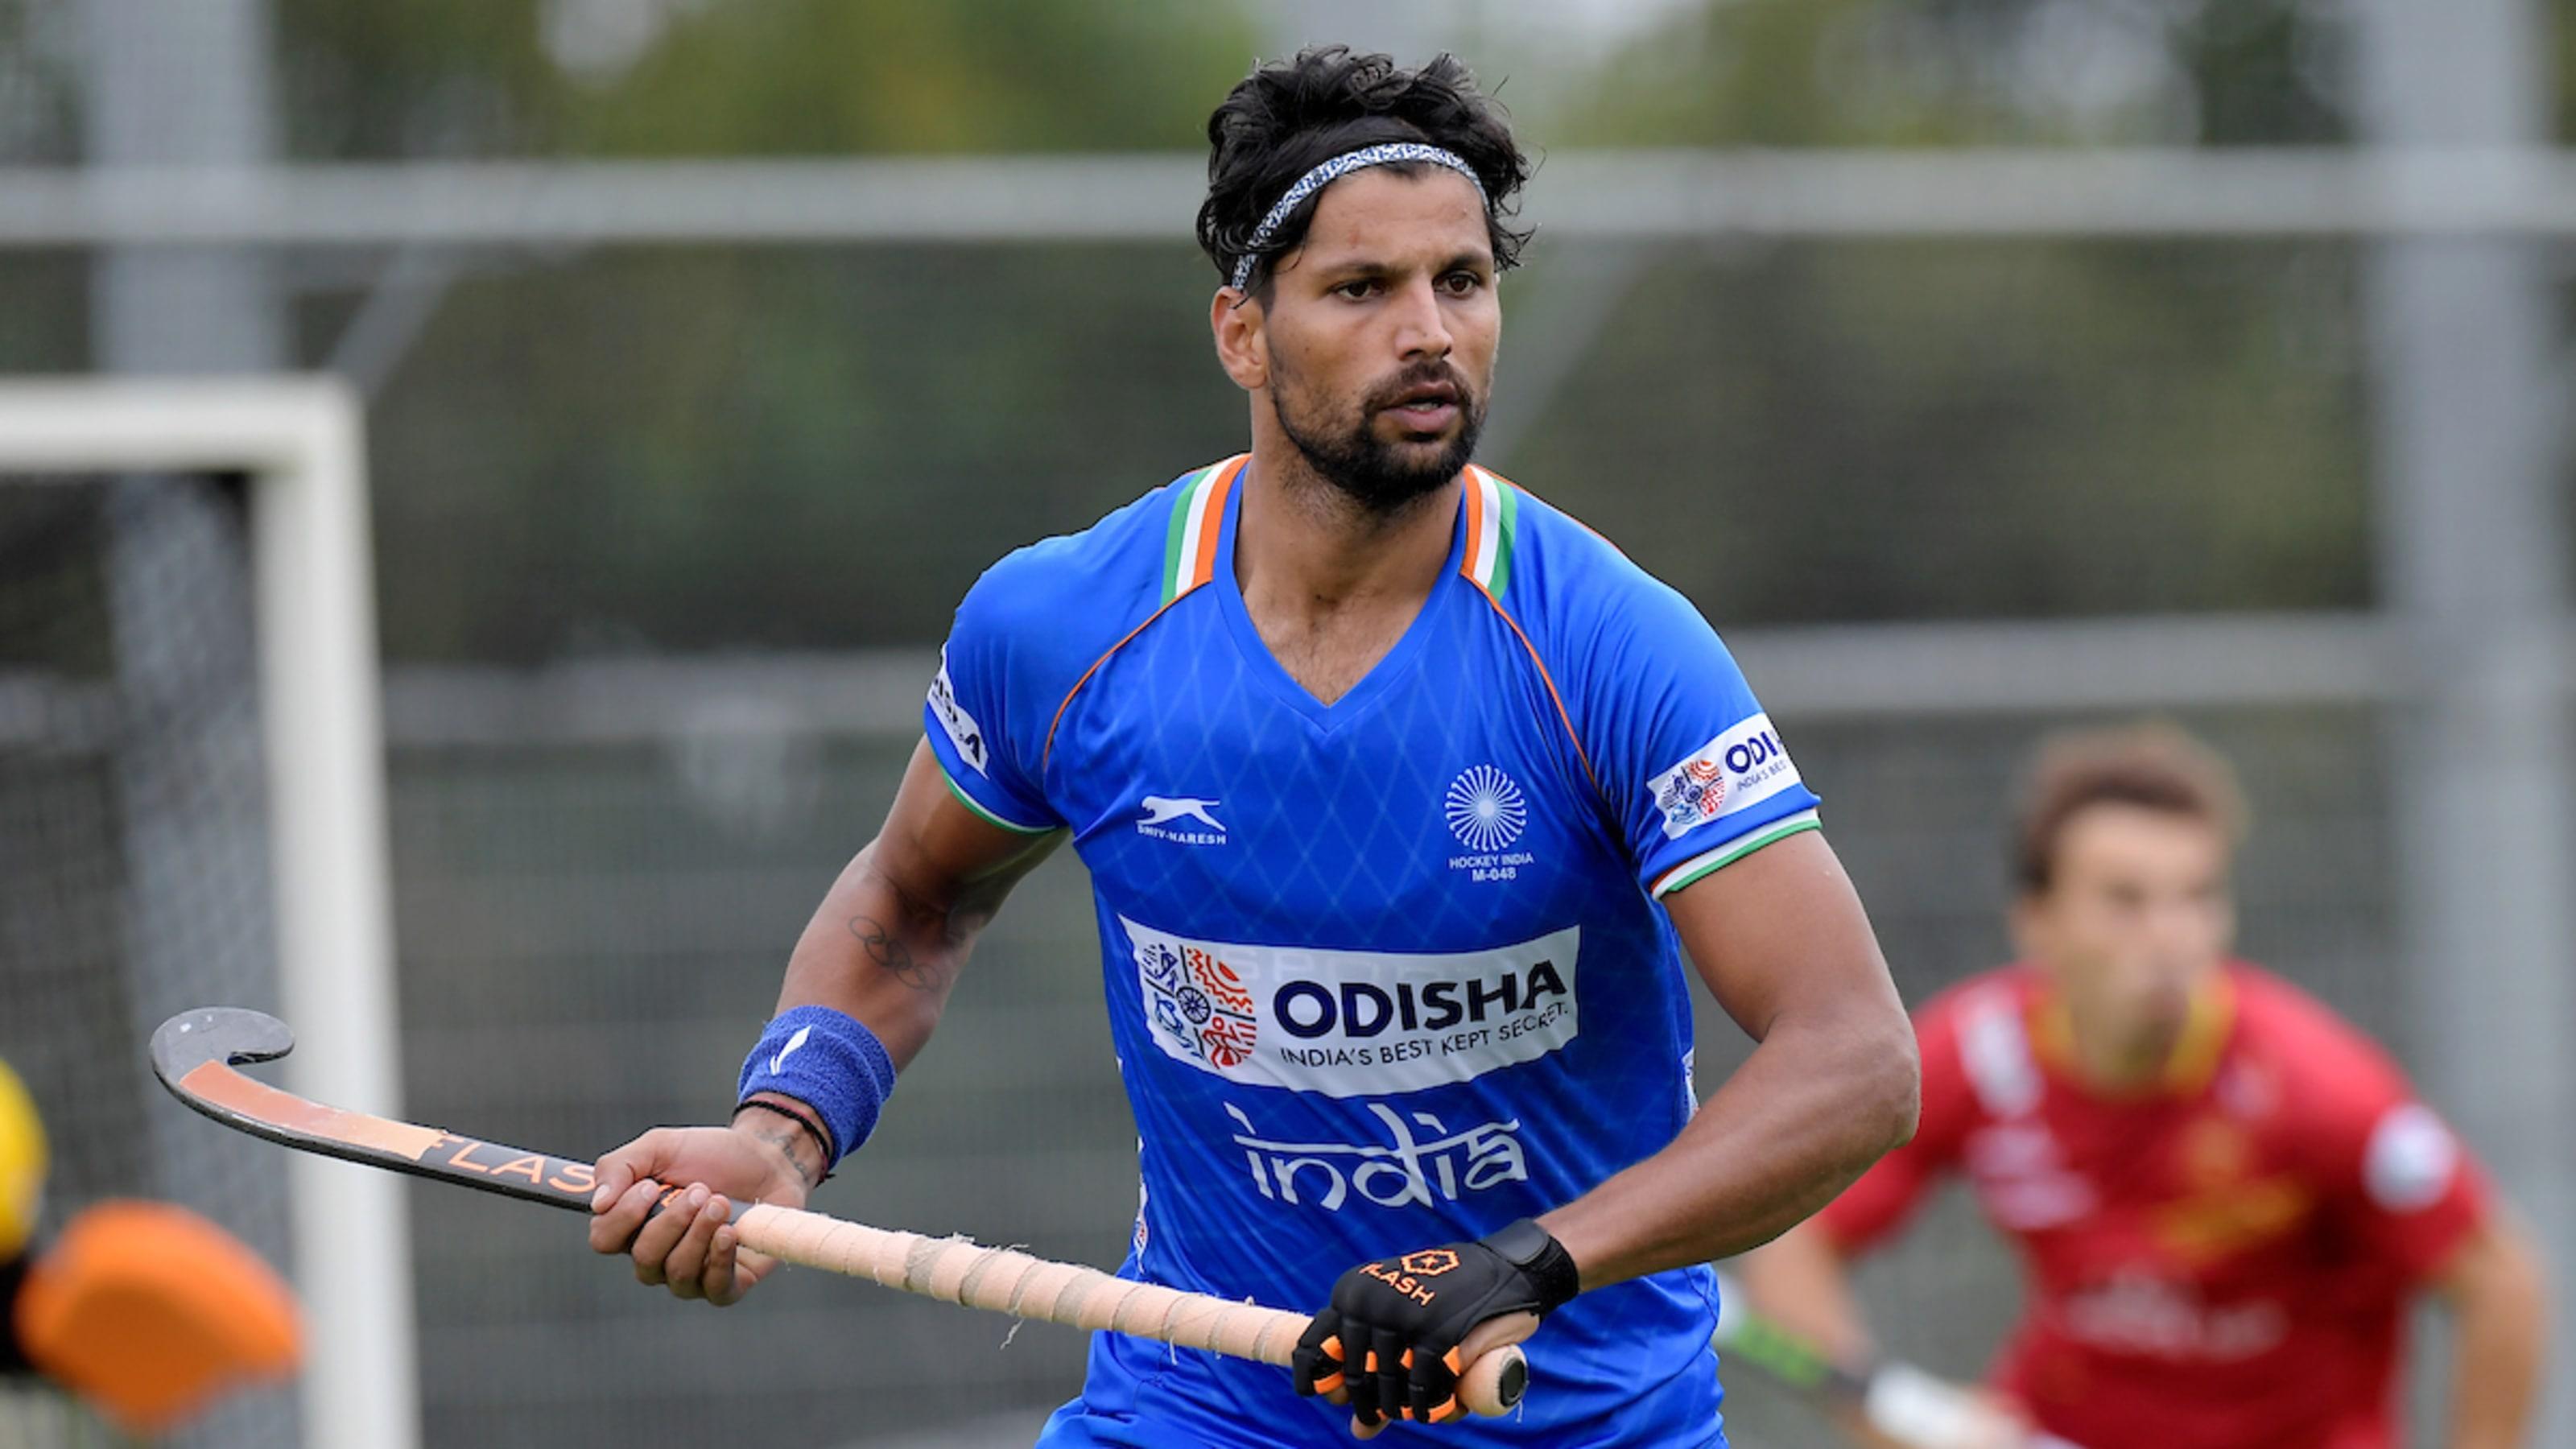 Rupinder Pal Singh kreedOn